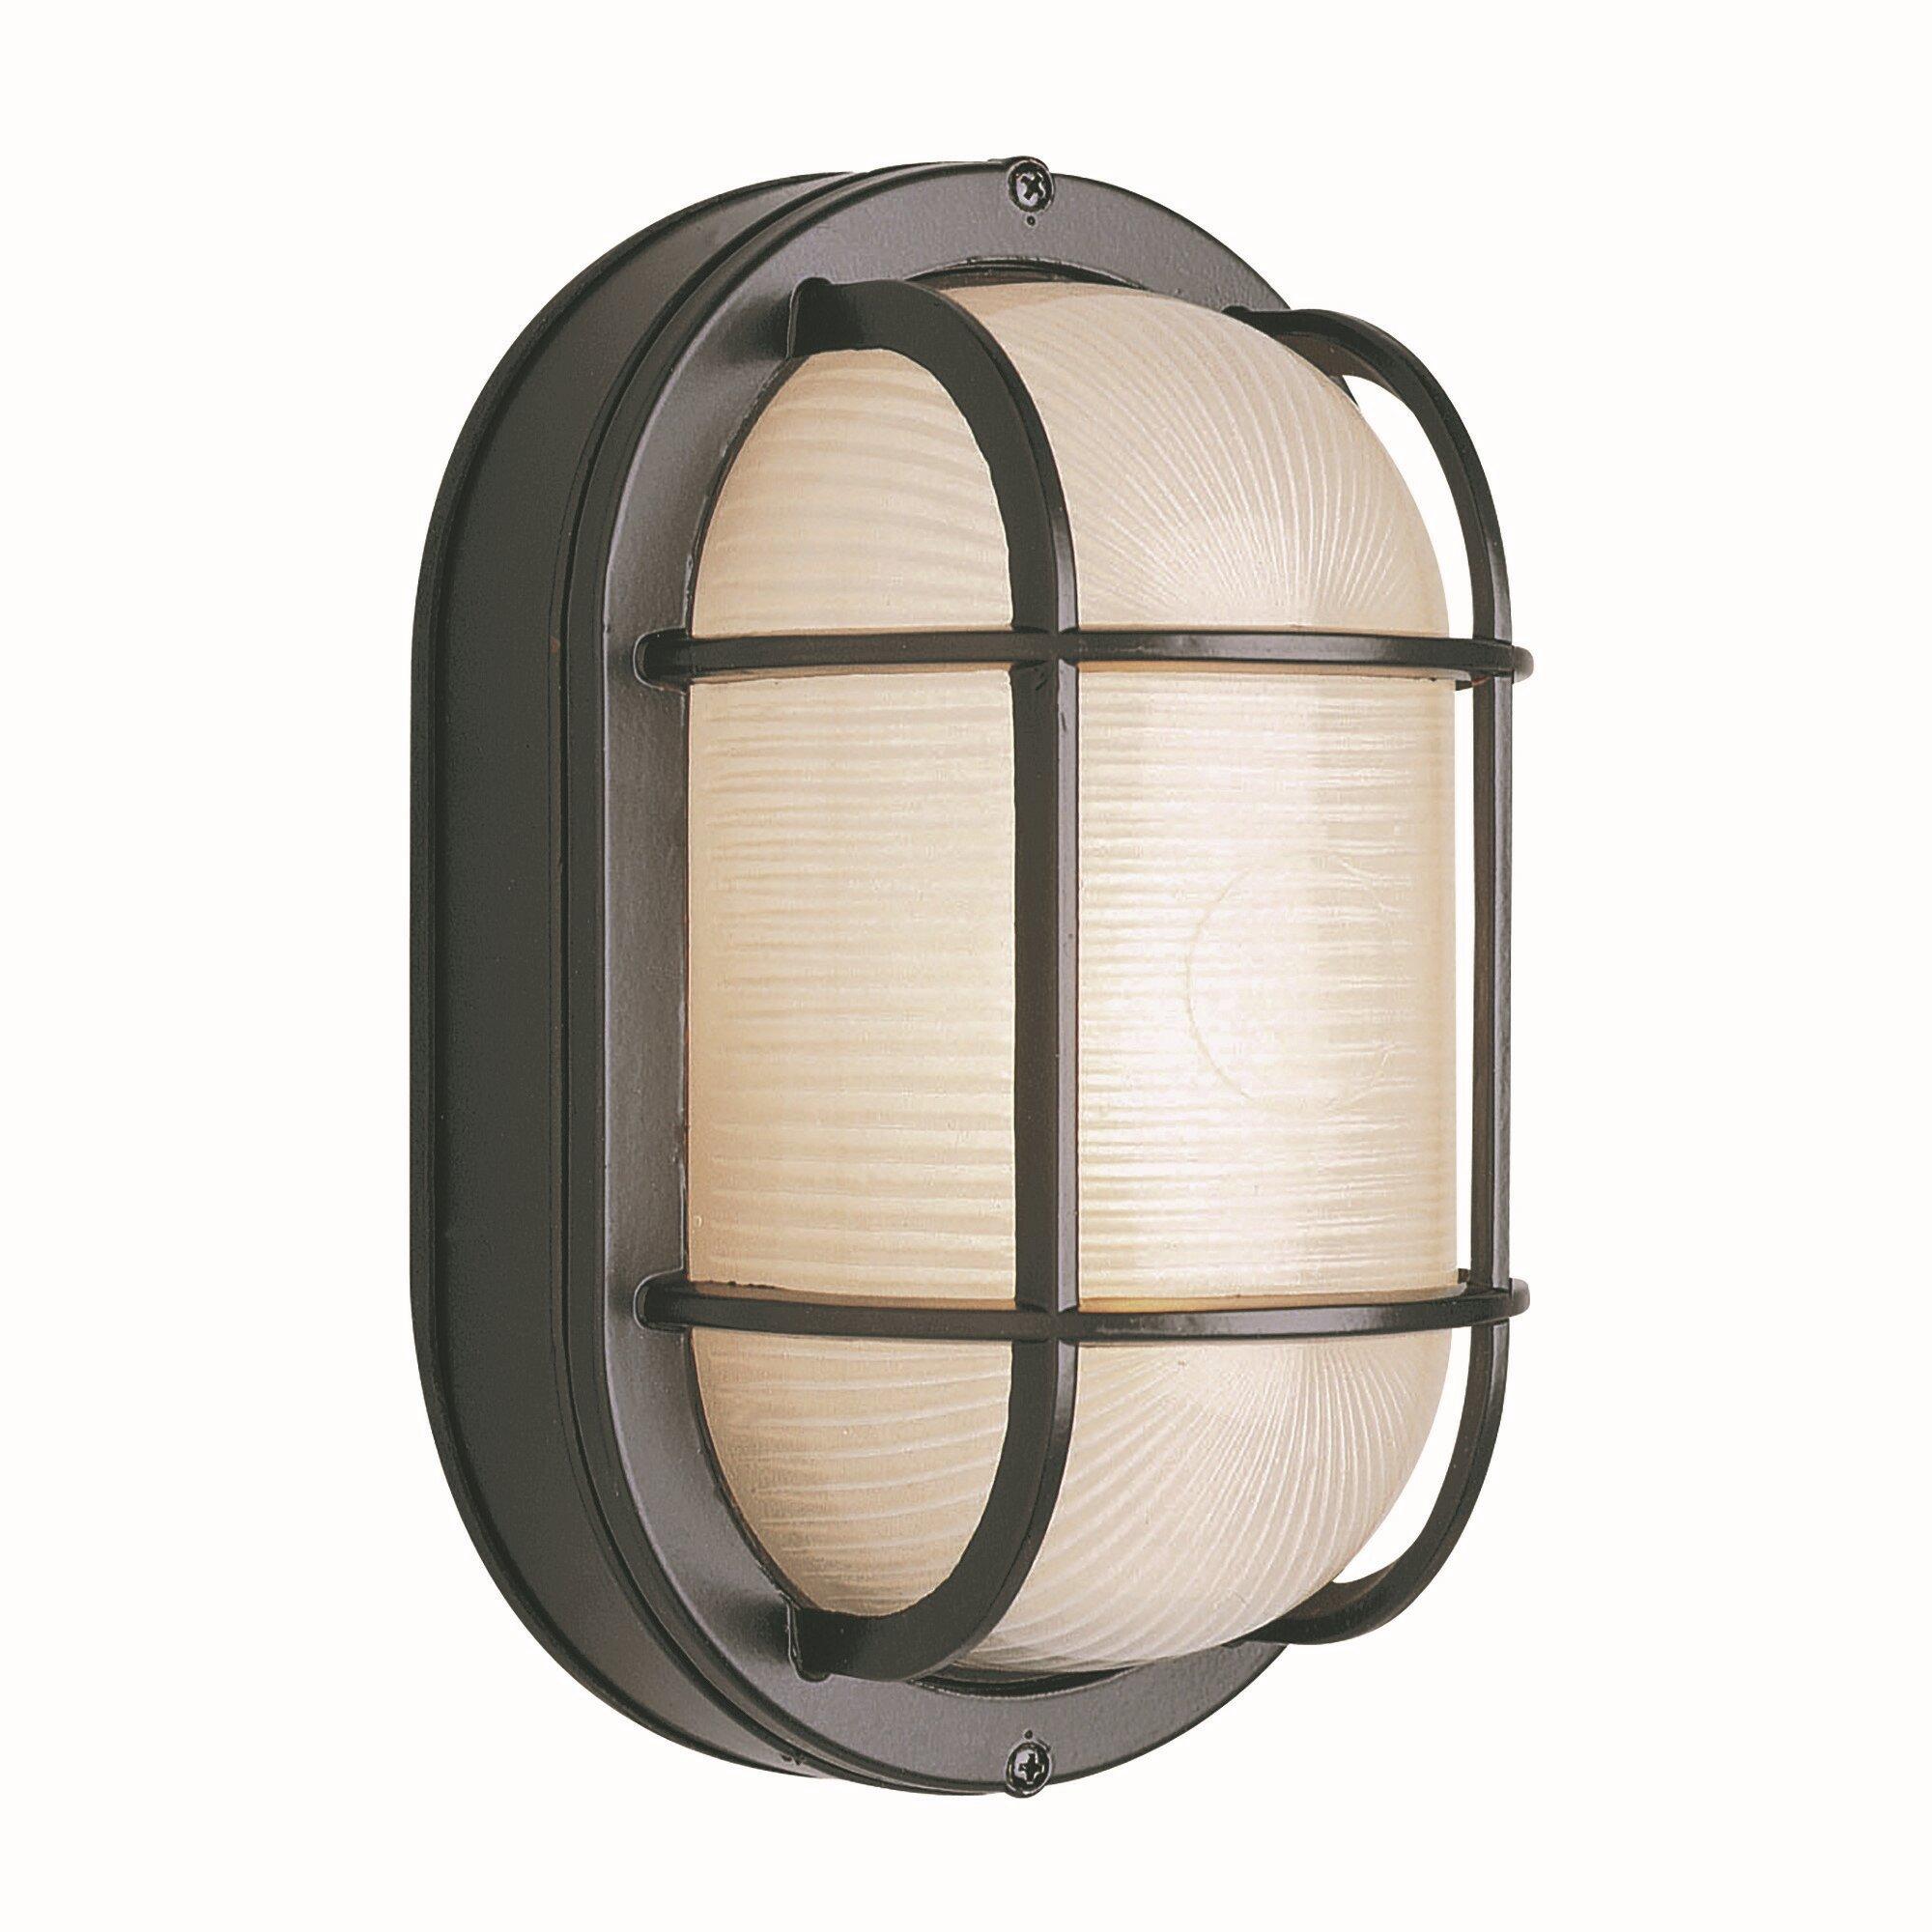 Lia Outdoor Bulkhead Light Reviews